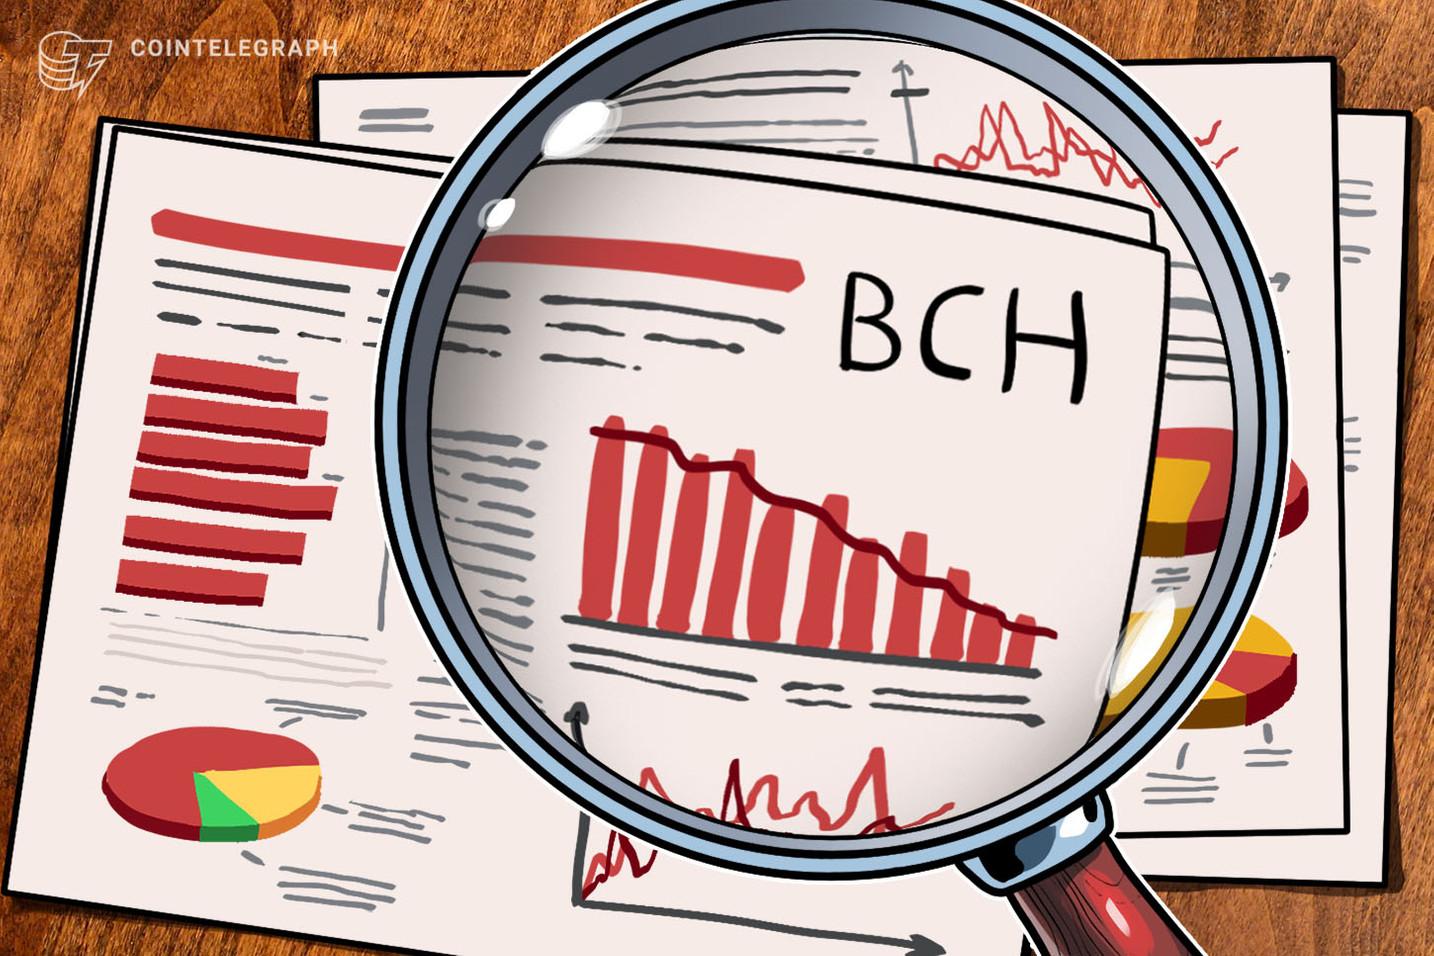 Ethereum supera el precio de Bitcoin Cash por primera vez en la historia, ya que los mercados de cripto están en crecimiento